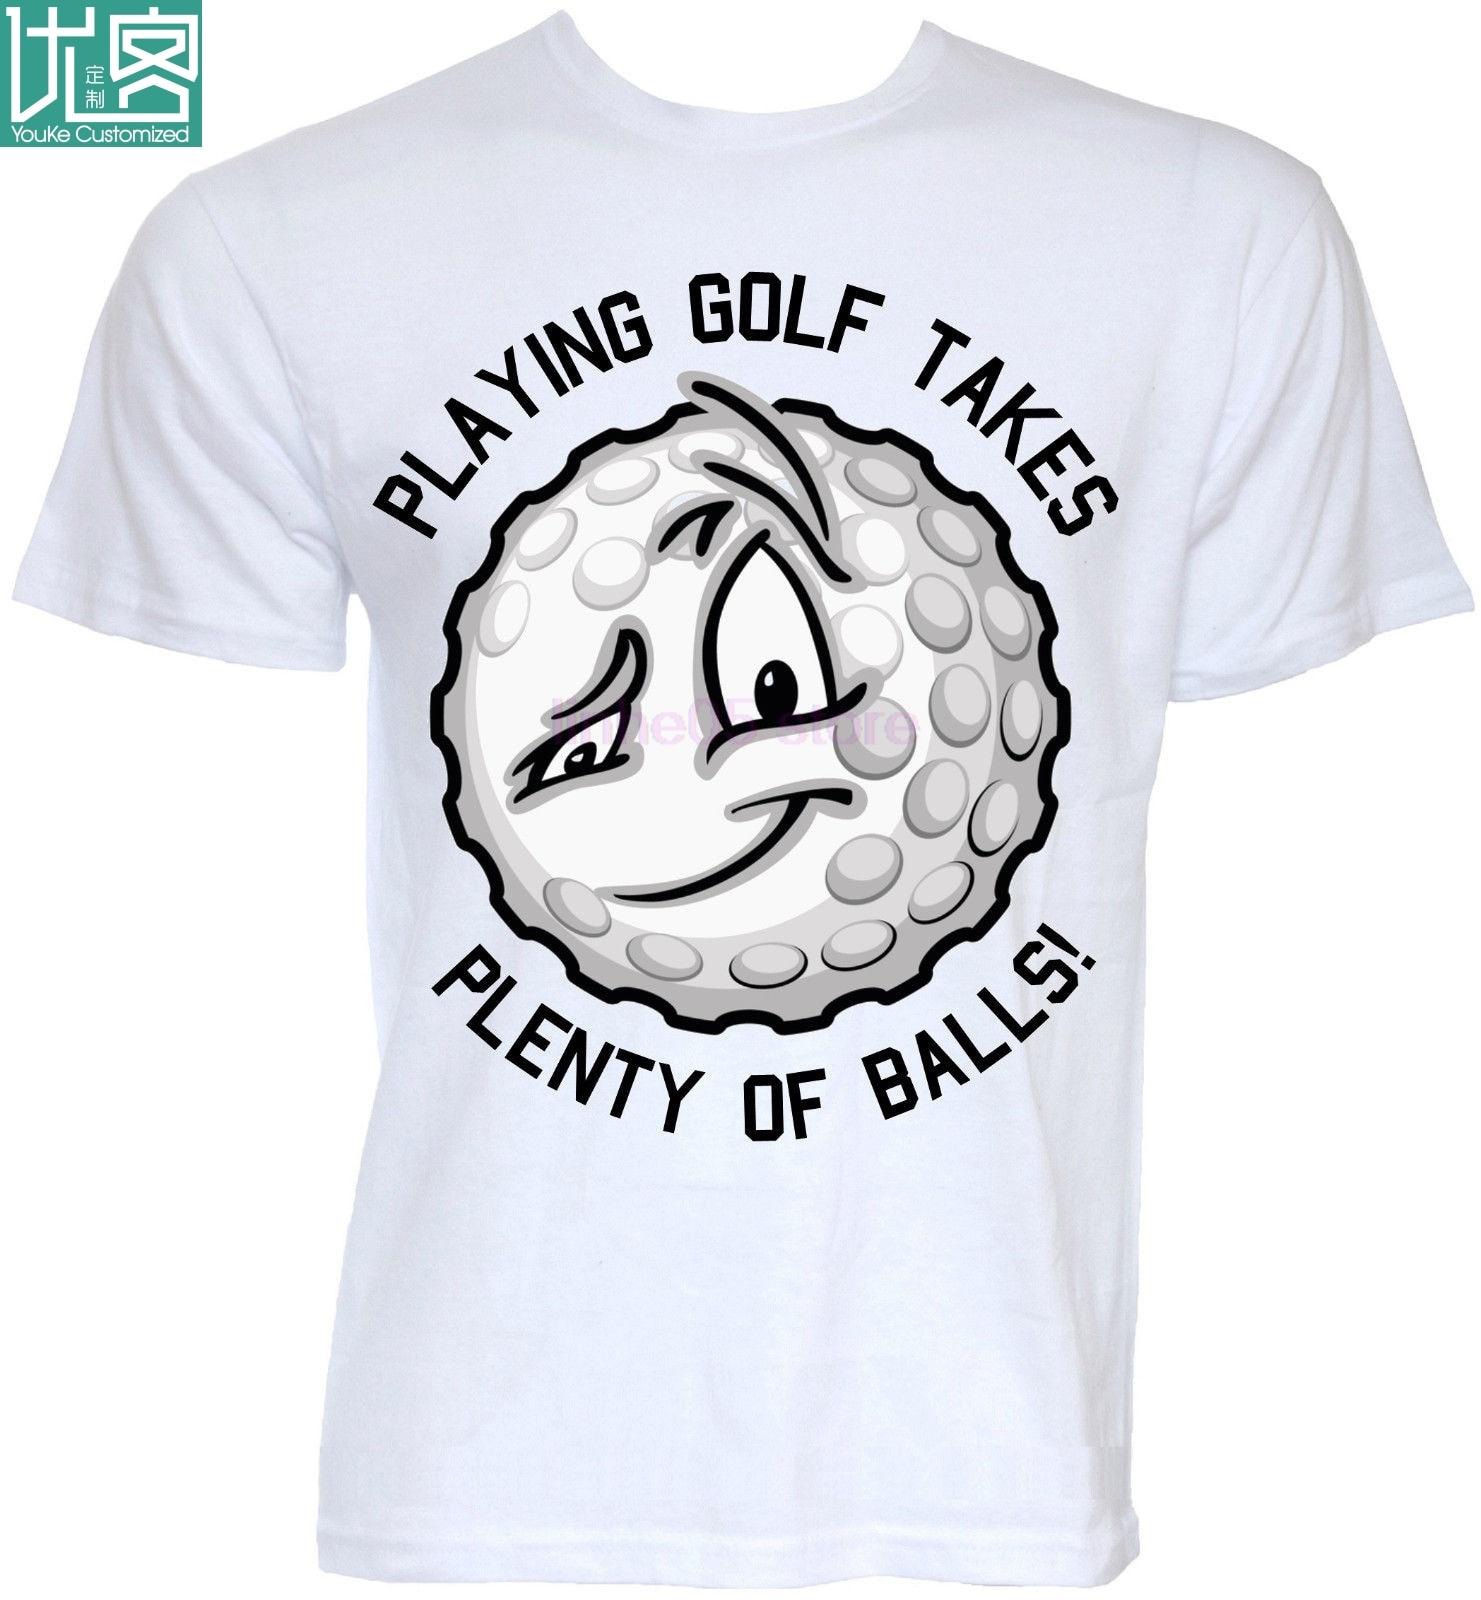 Novedad graciosa para hombre, eslogan de pelota de golfista, broma de golf, camisetas Groot, Regalos divertidos, camisetas de moda para hombre, ropa 2019